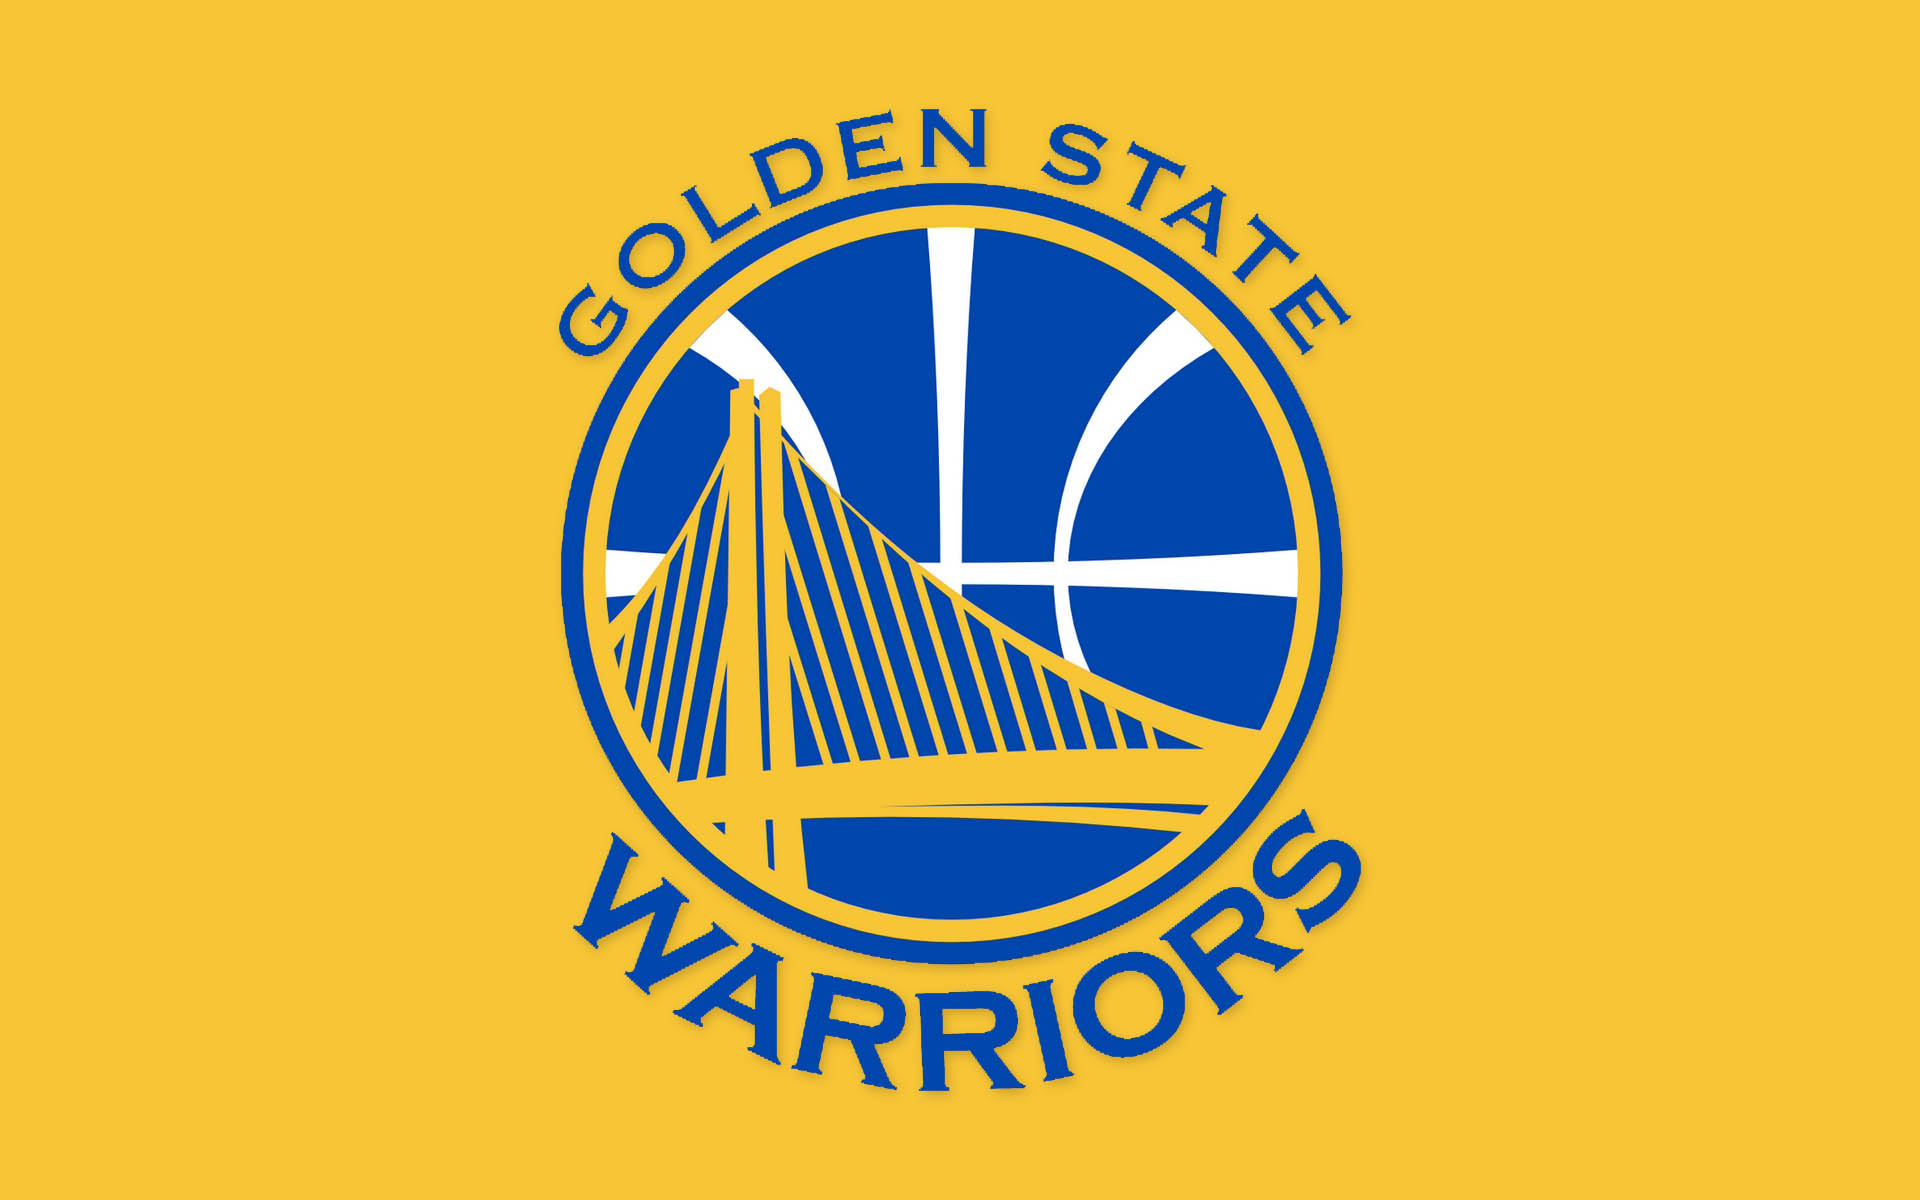 Free Golden State Warriors Wallpaper #6792392